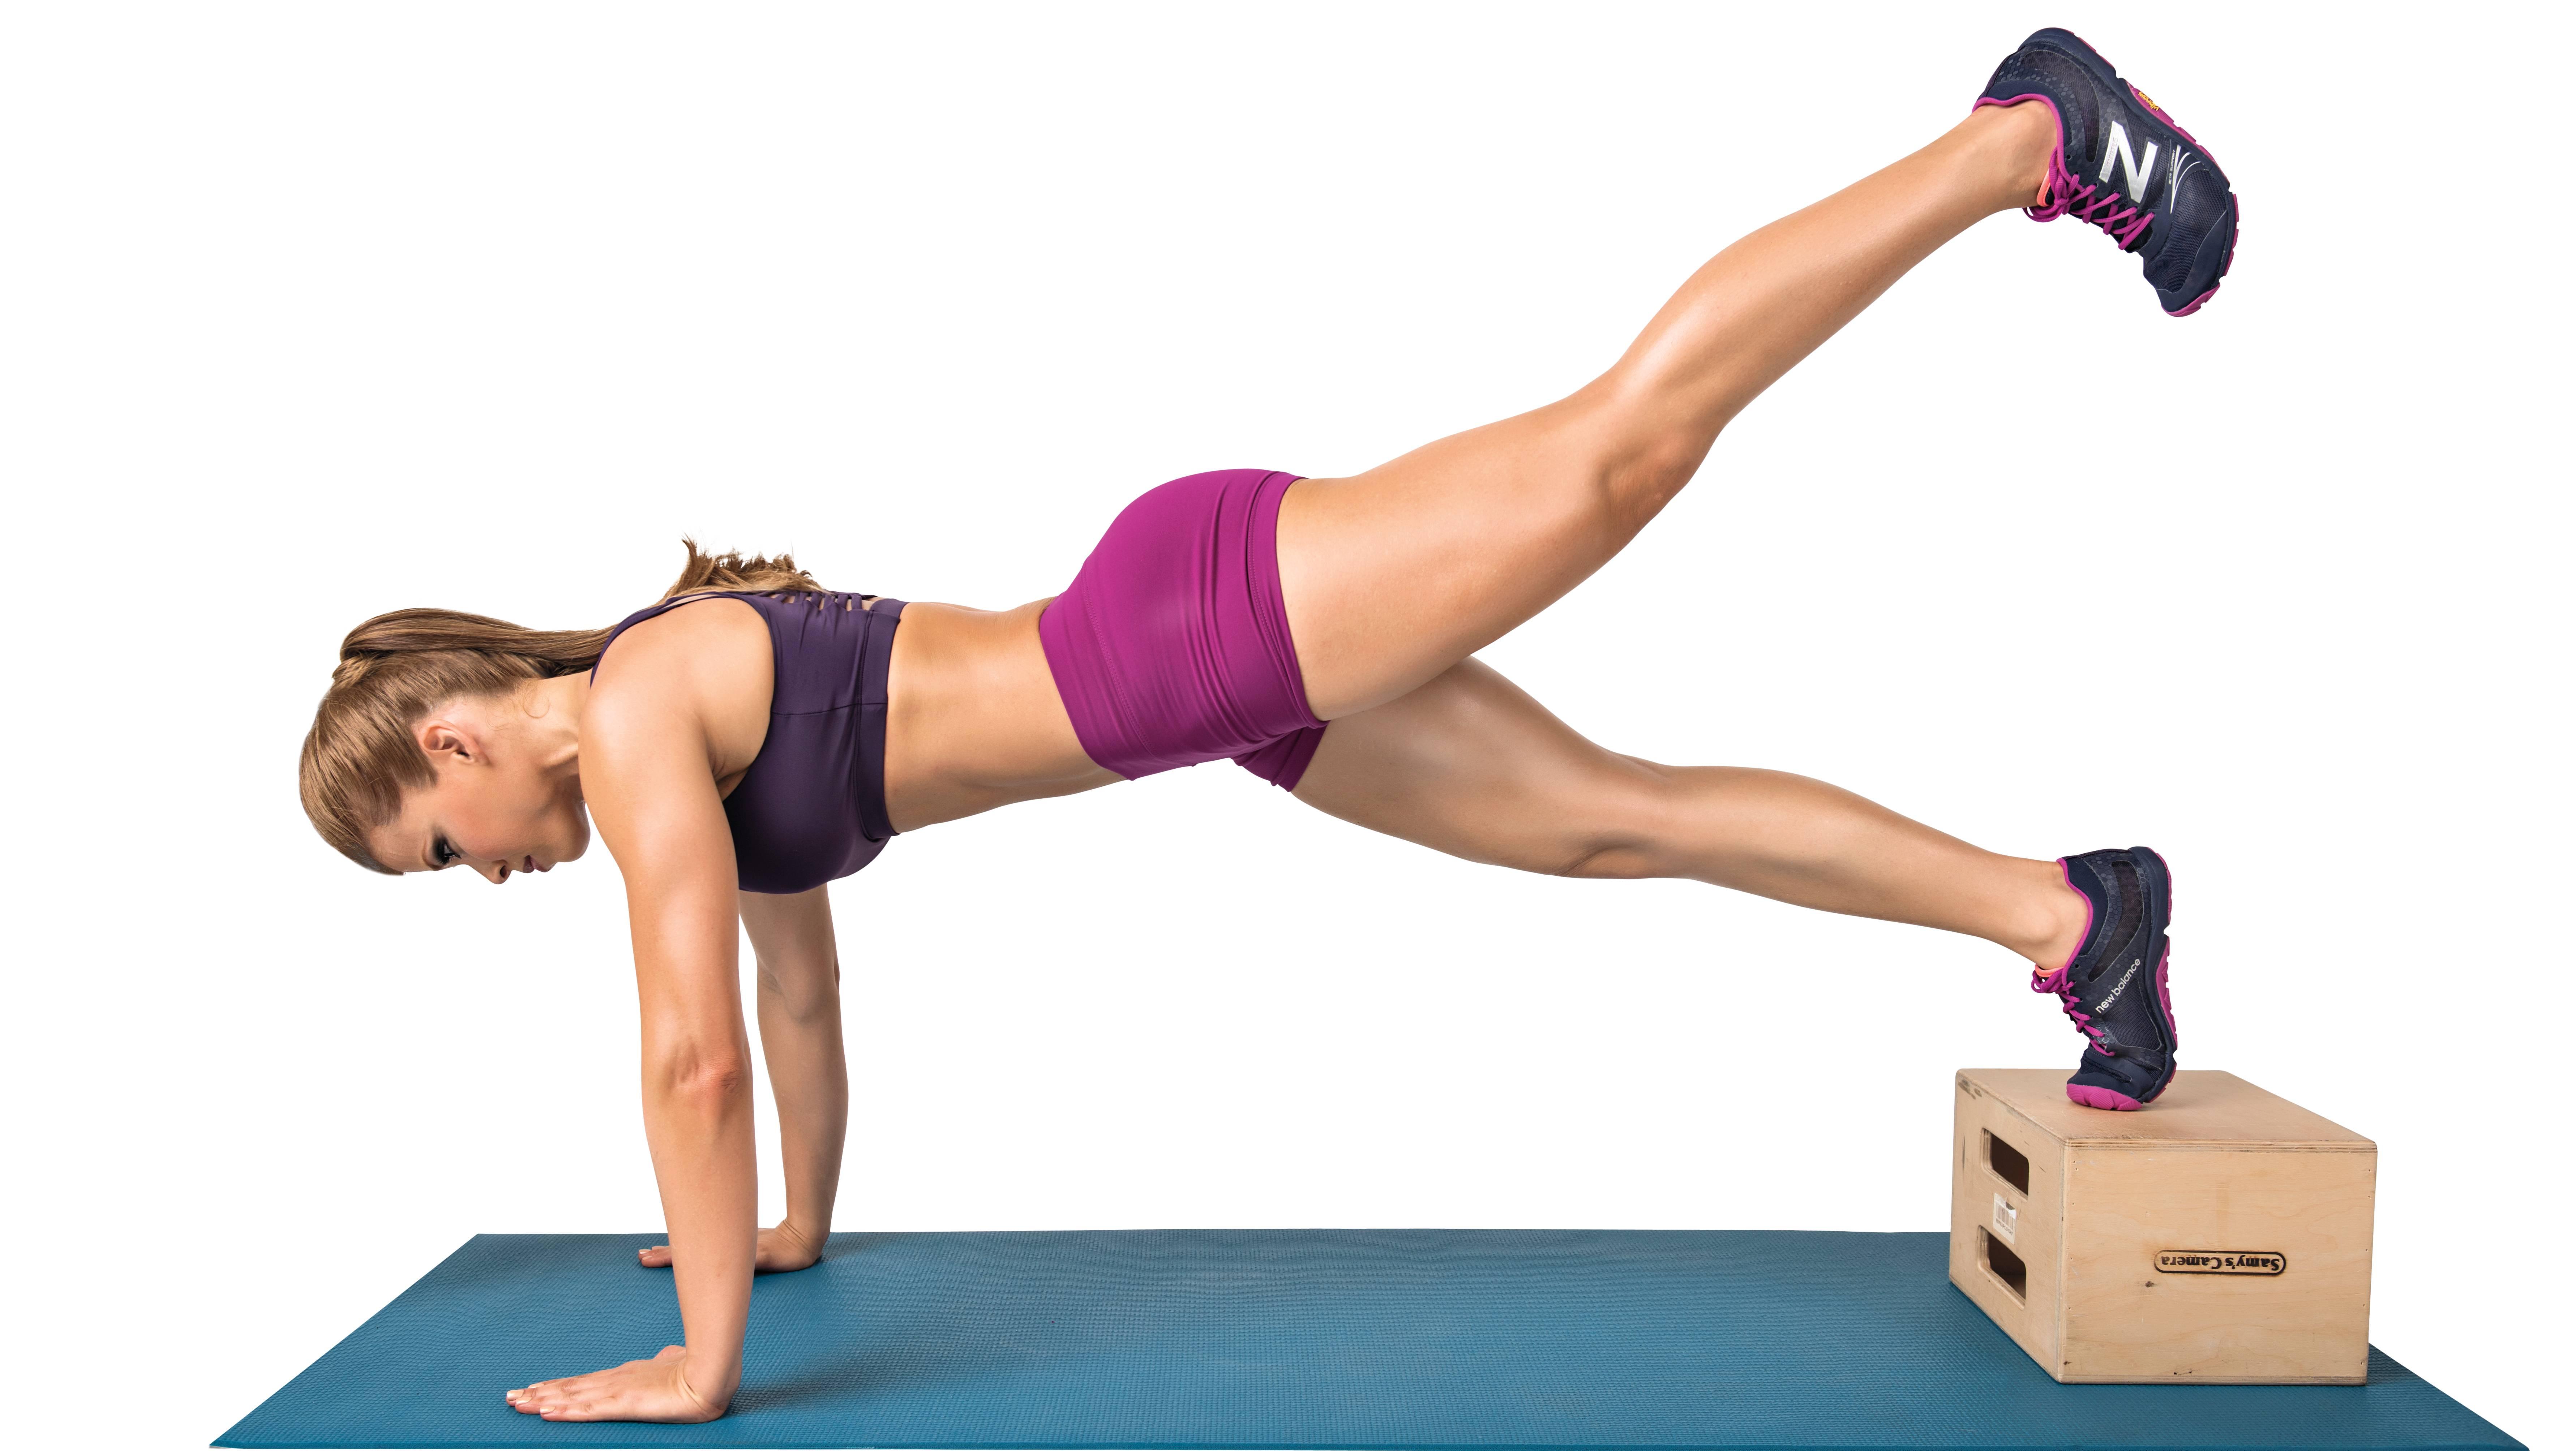 Упражнение книжка: техника выполнения, какие мышцы работают